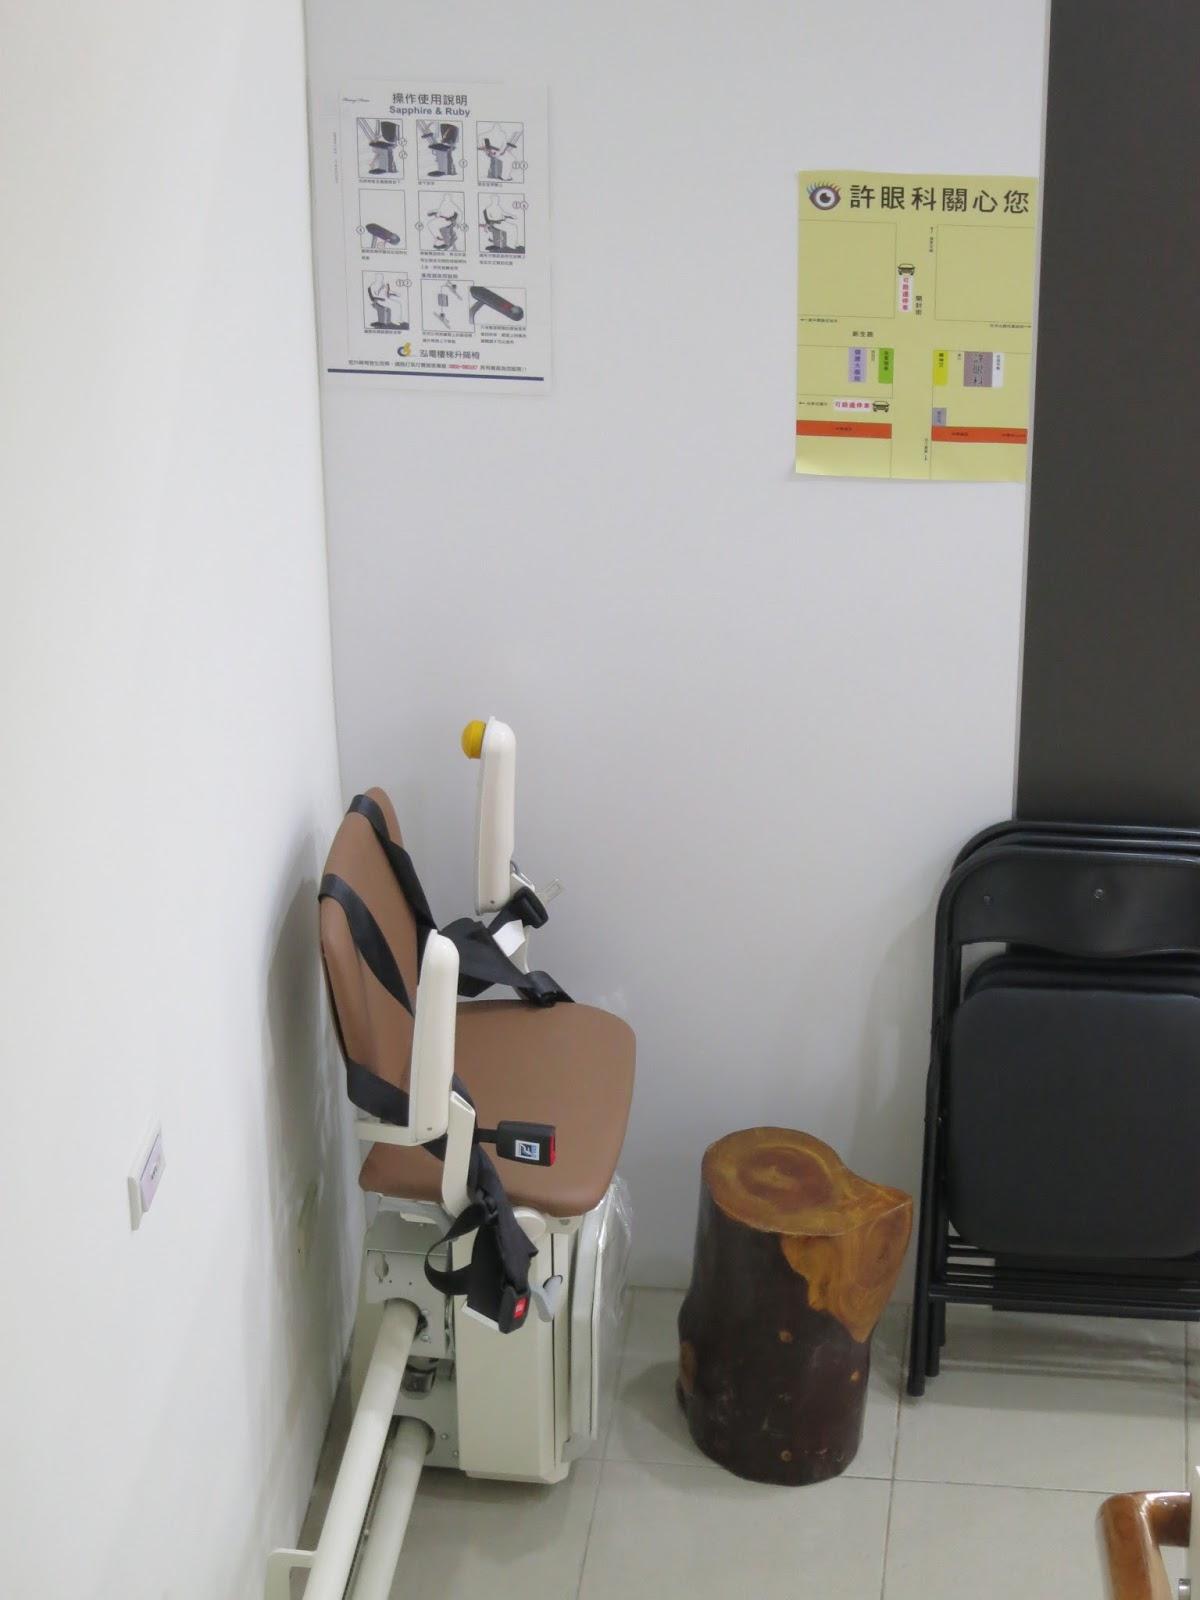 許眼科診所: 八月 2013